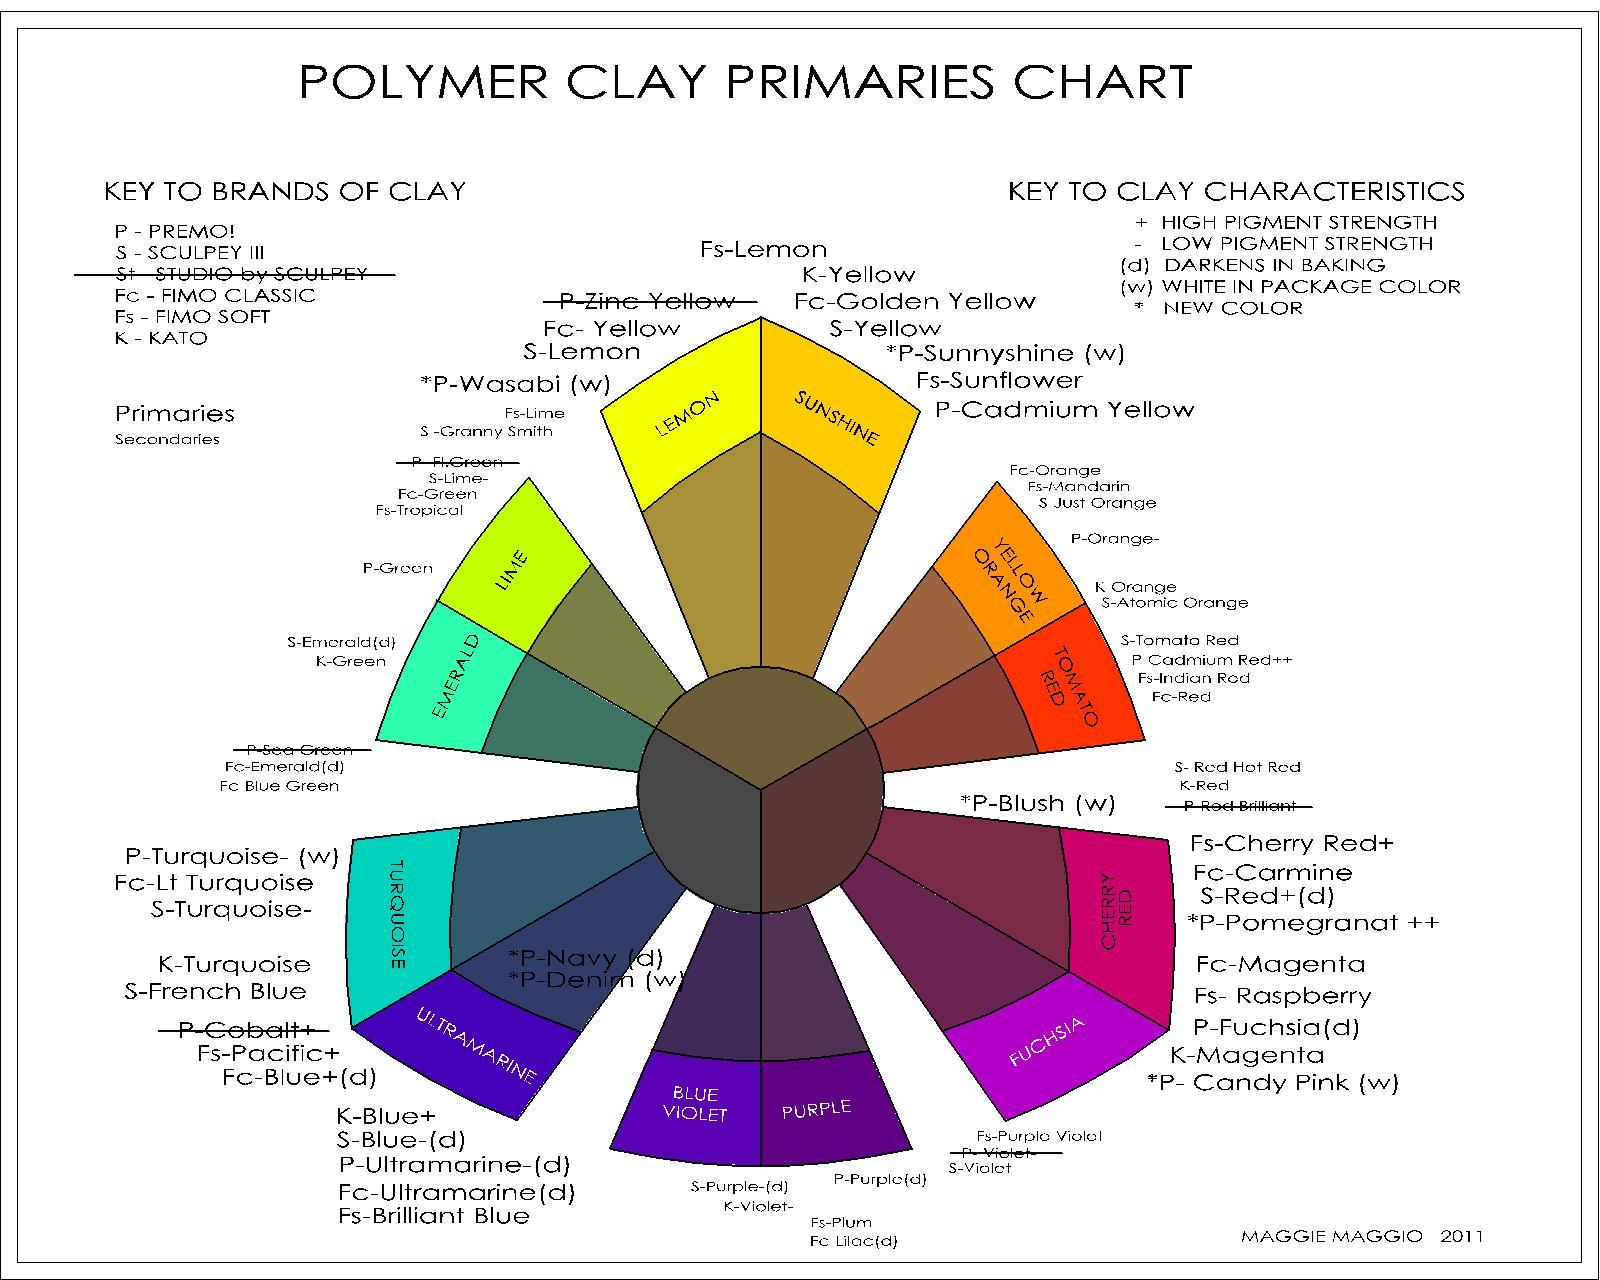 PolymerPrimariesChart-2011